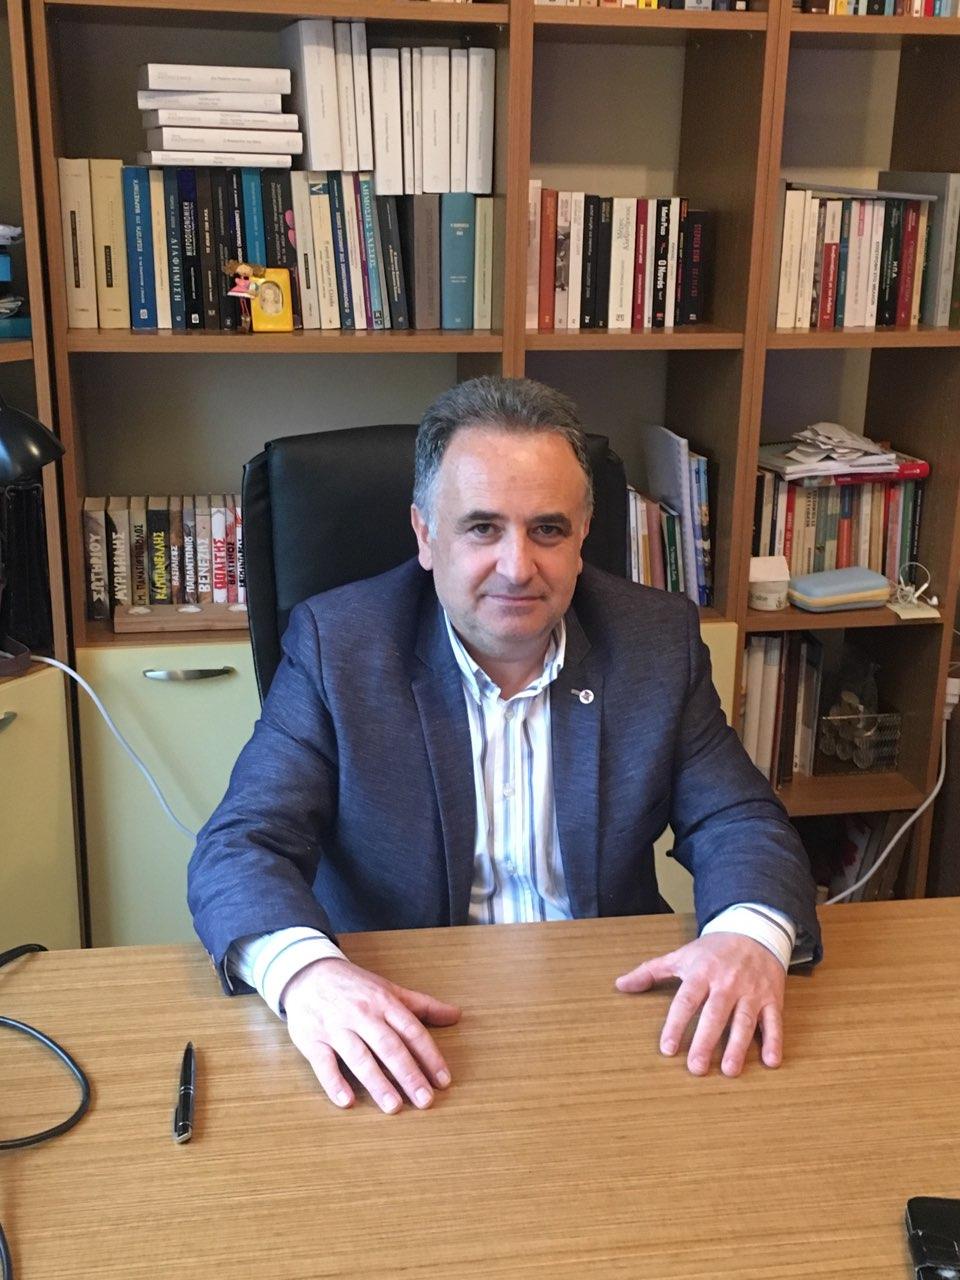 ΔΗΜ.ΤΟ. Γρεβενών:Ανακοίνωση για το μεταναστευτικό στα Γρεβενά